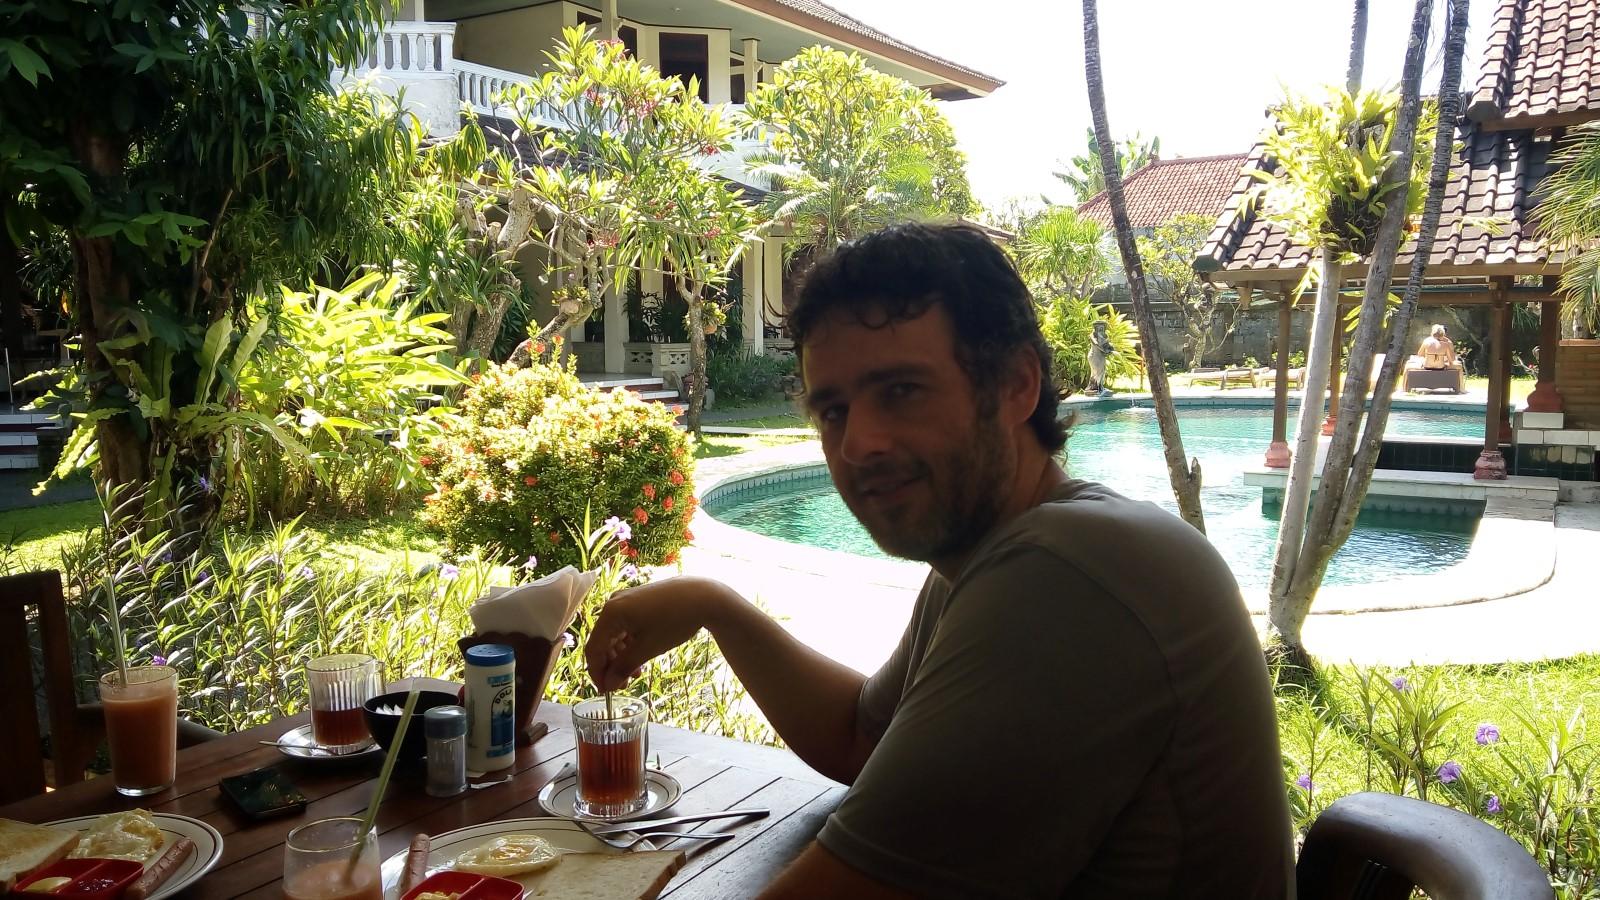 ¿Por qué regresar a Bali?